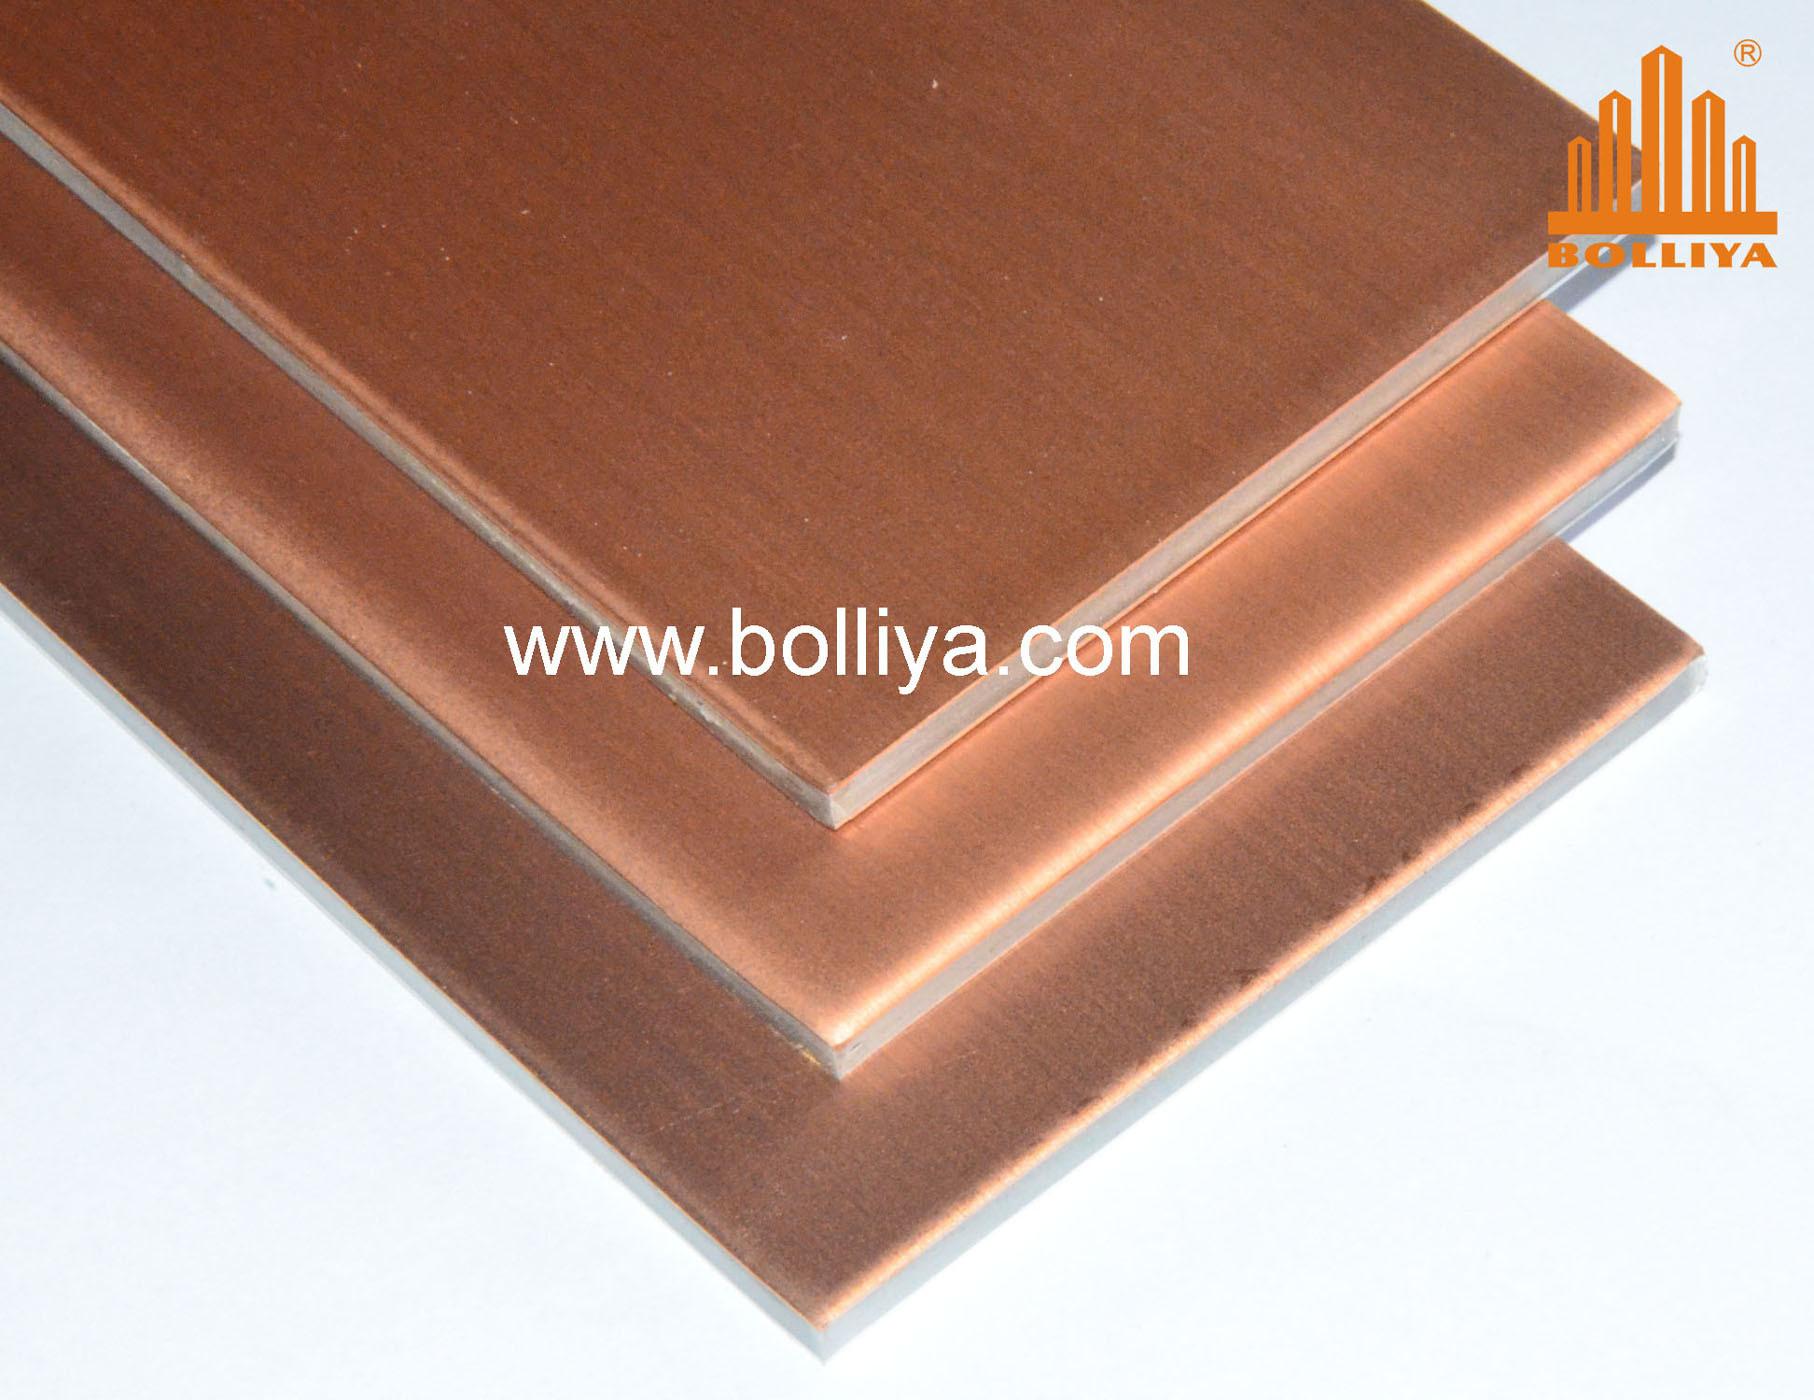 Copper Composite Materials / CC-004 Light Brown Brush